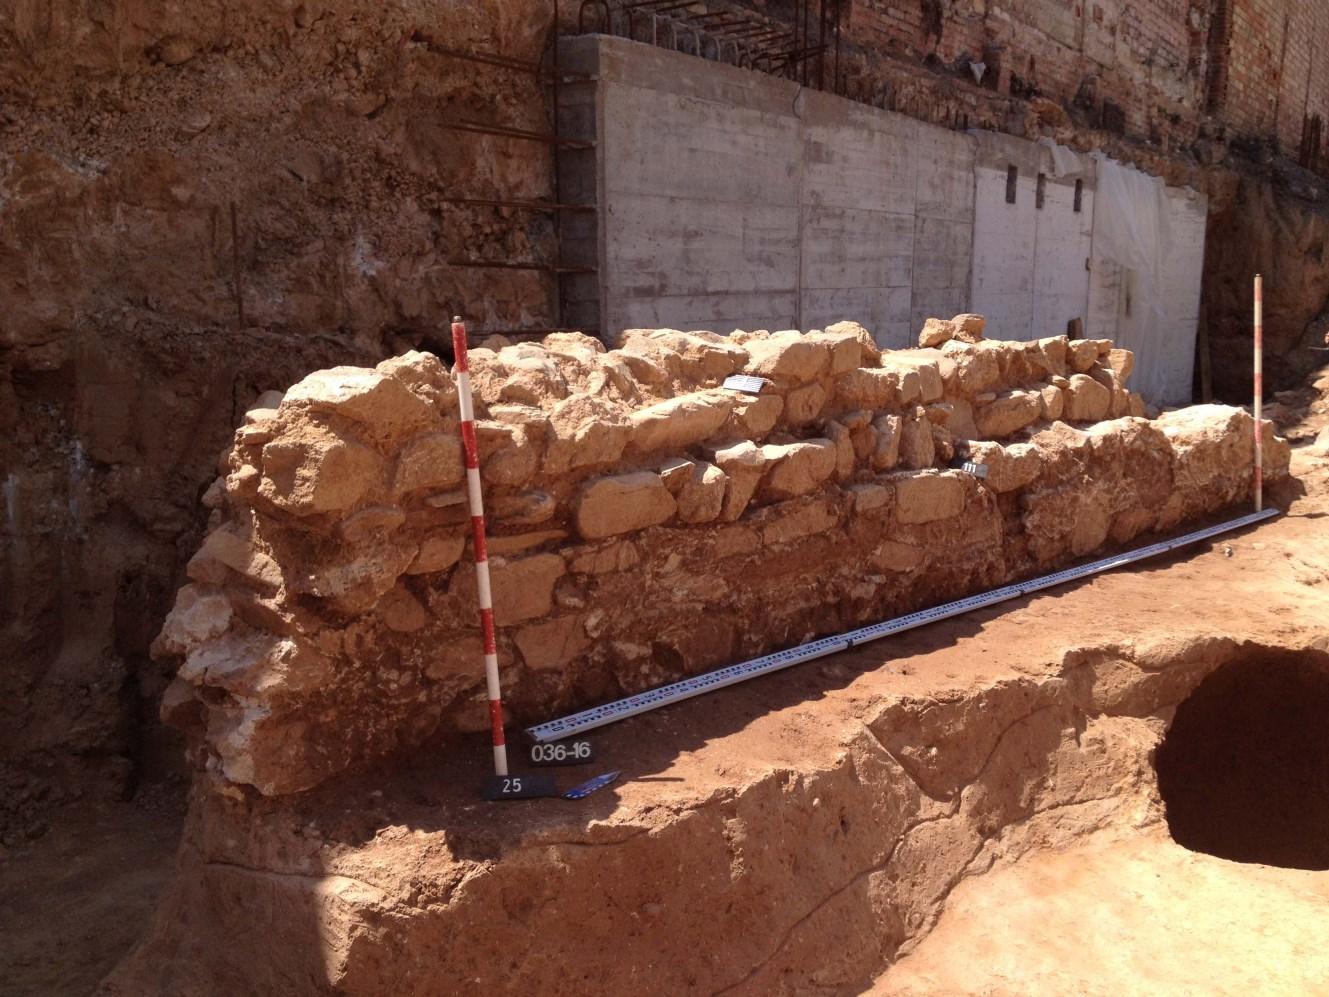 Mur baixmedieval de delimitació de l'espai. Foto: Joan Piera